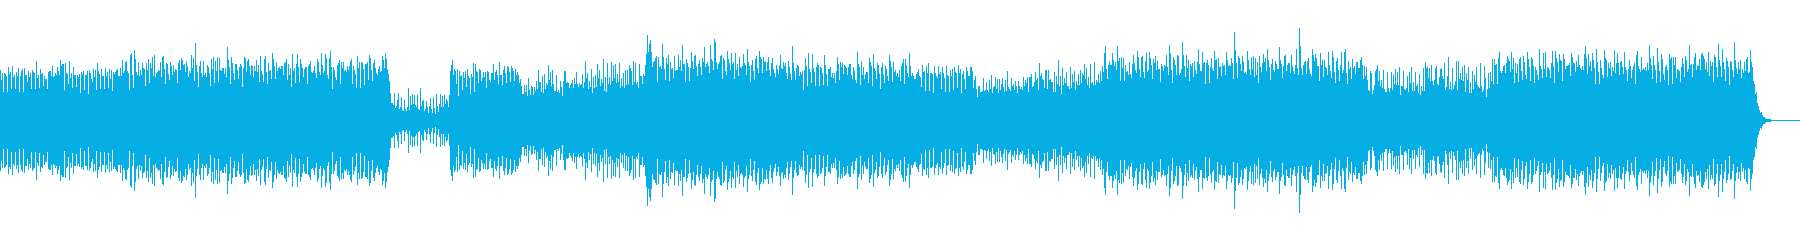 エネルギッシュで幻想的なハウスの再生済みの波形